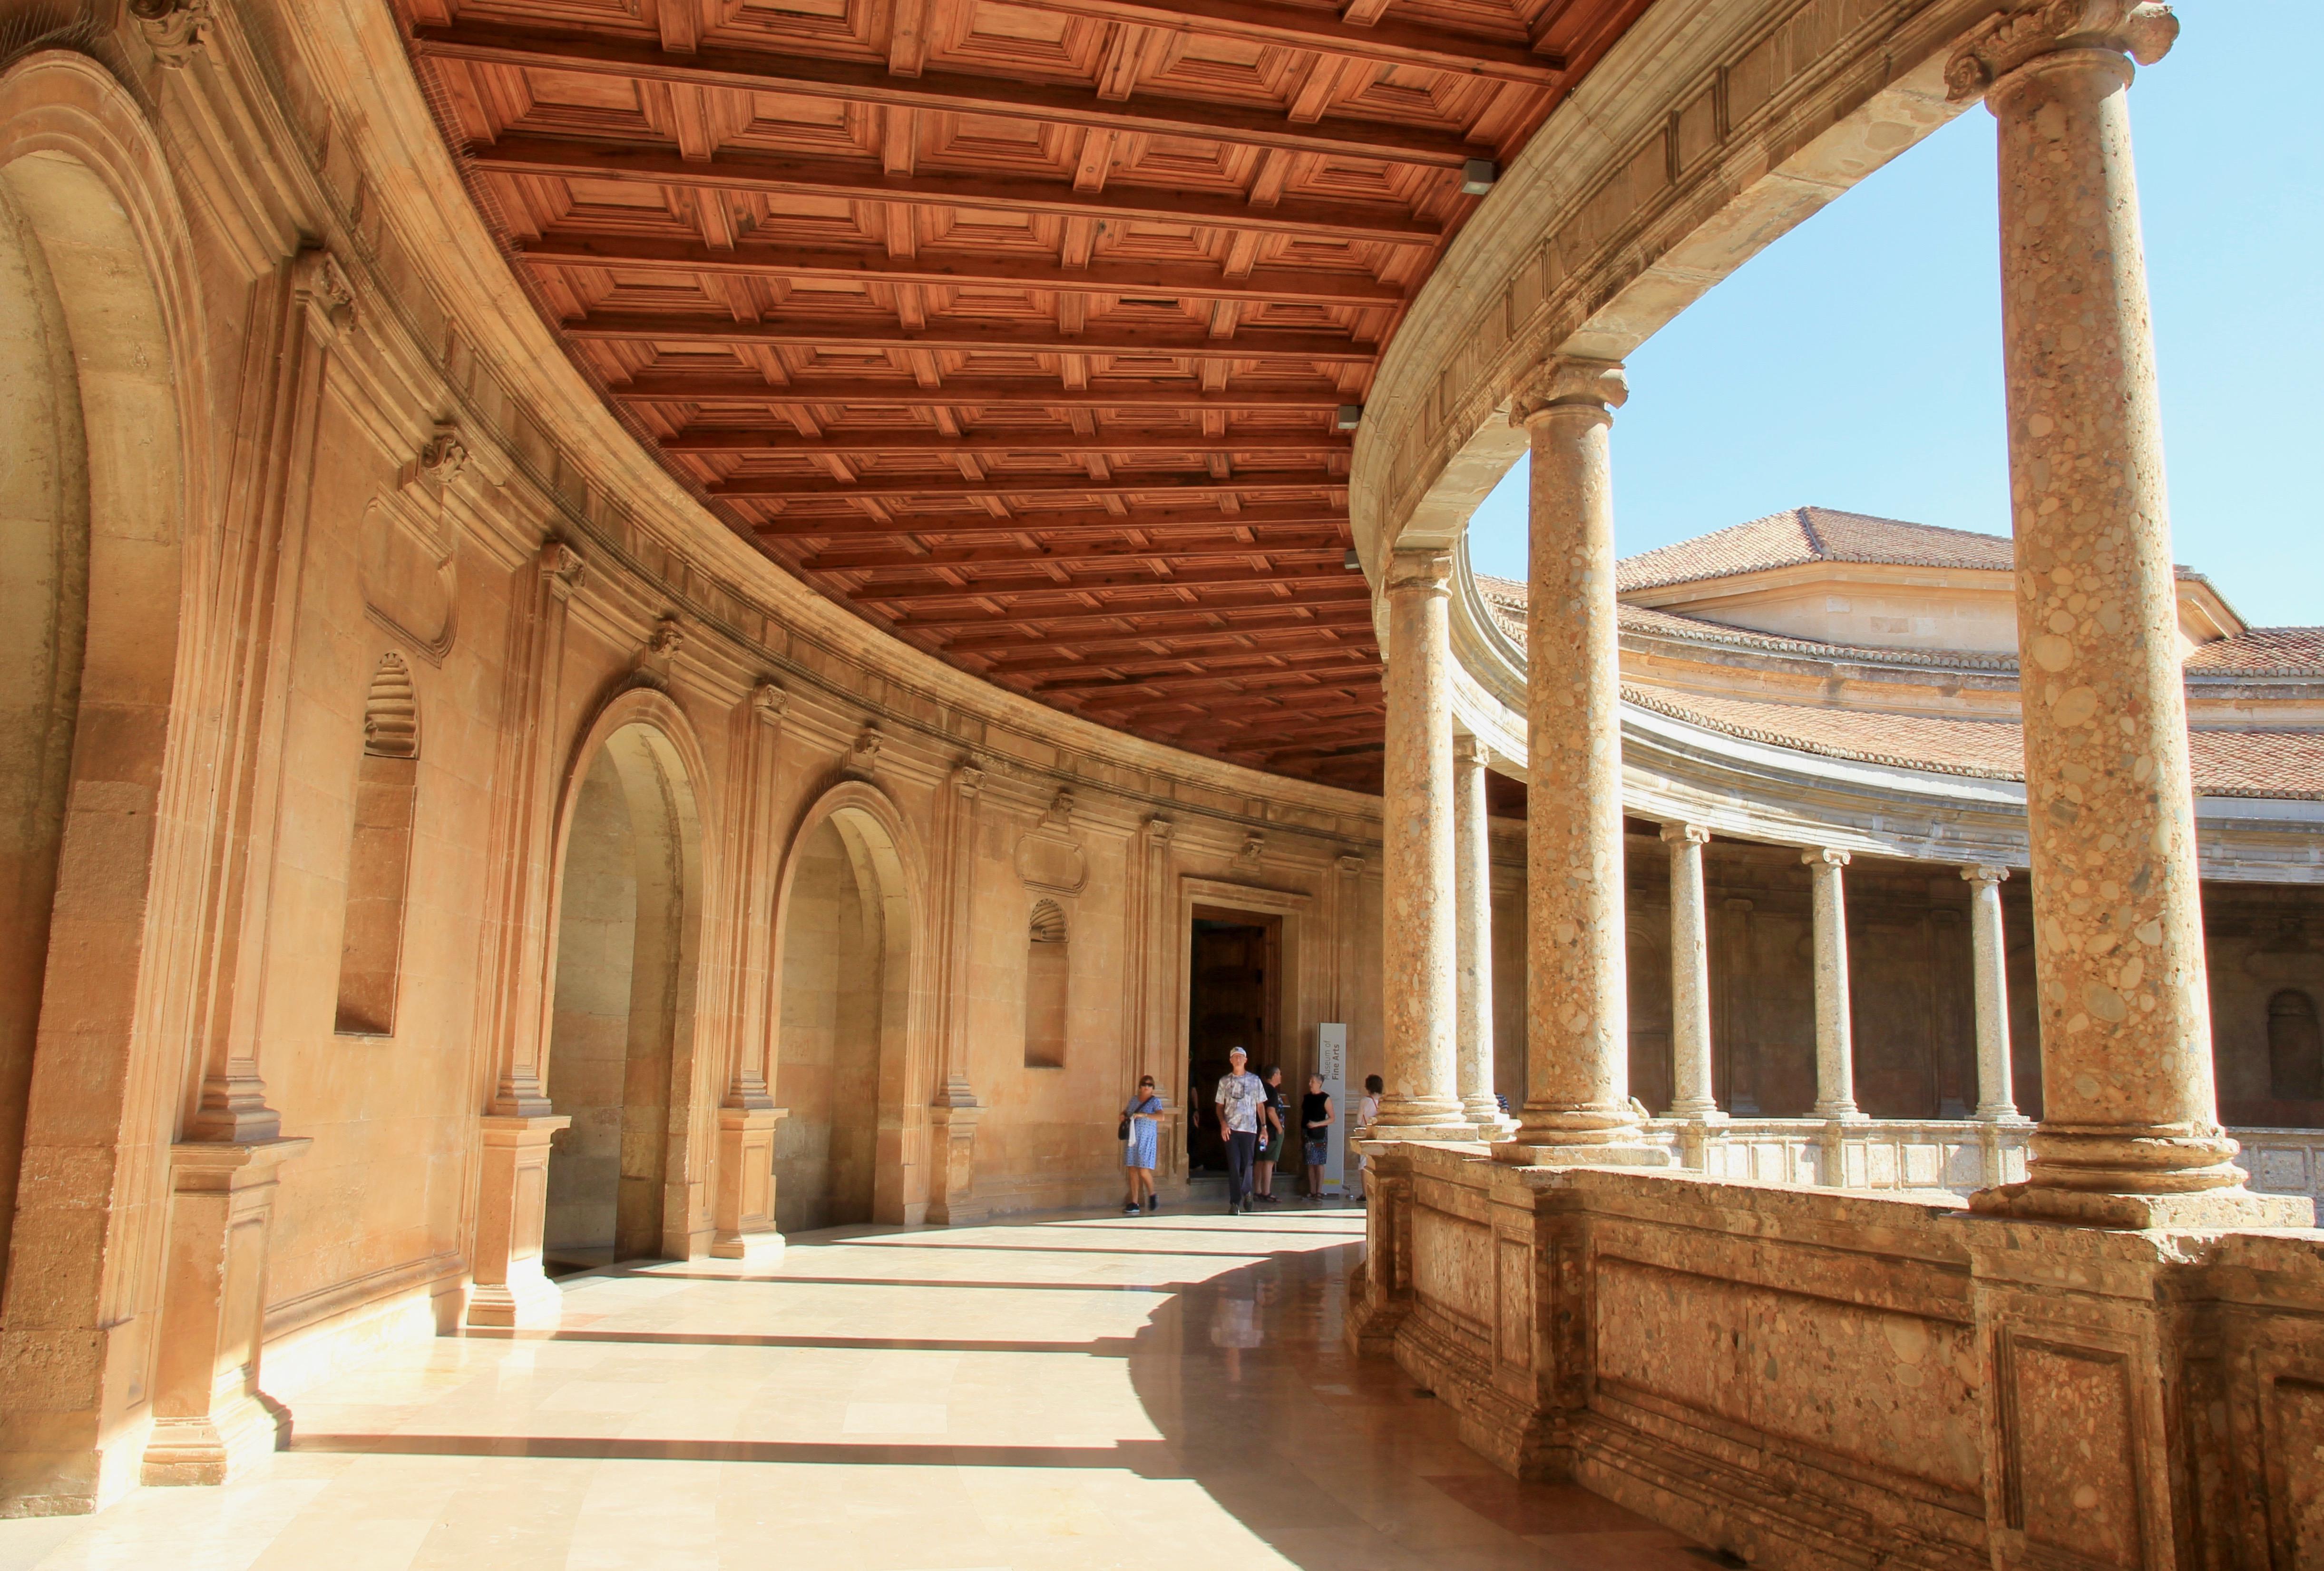 Consigli per visitare l'Alhambra